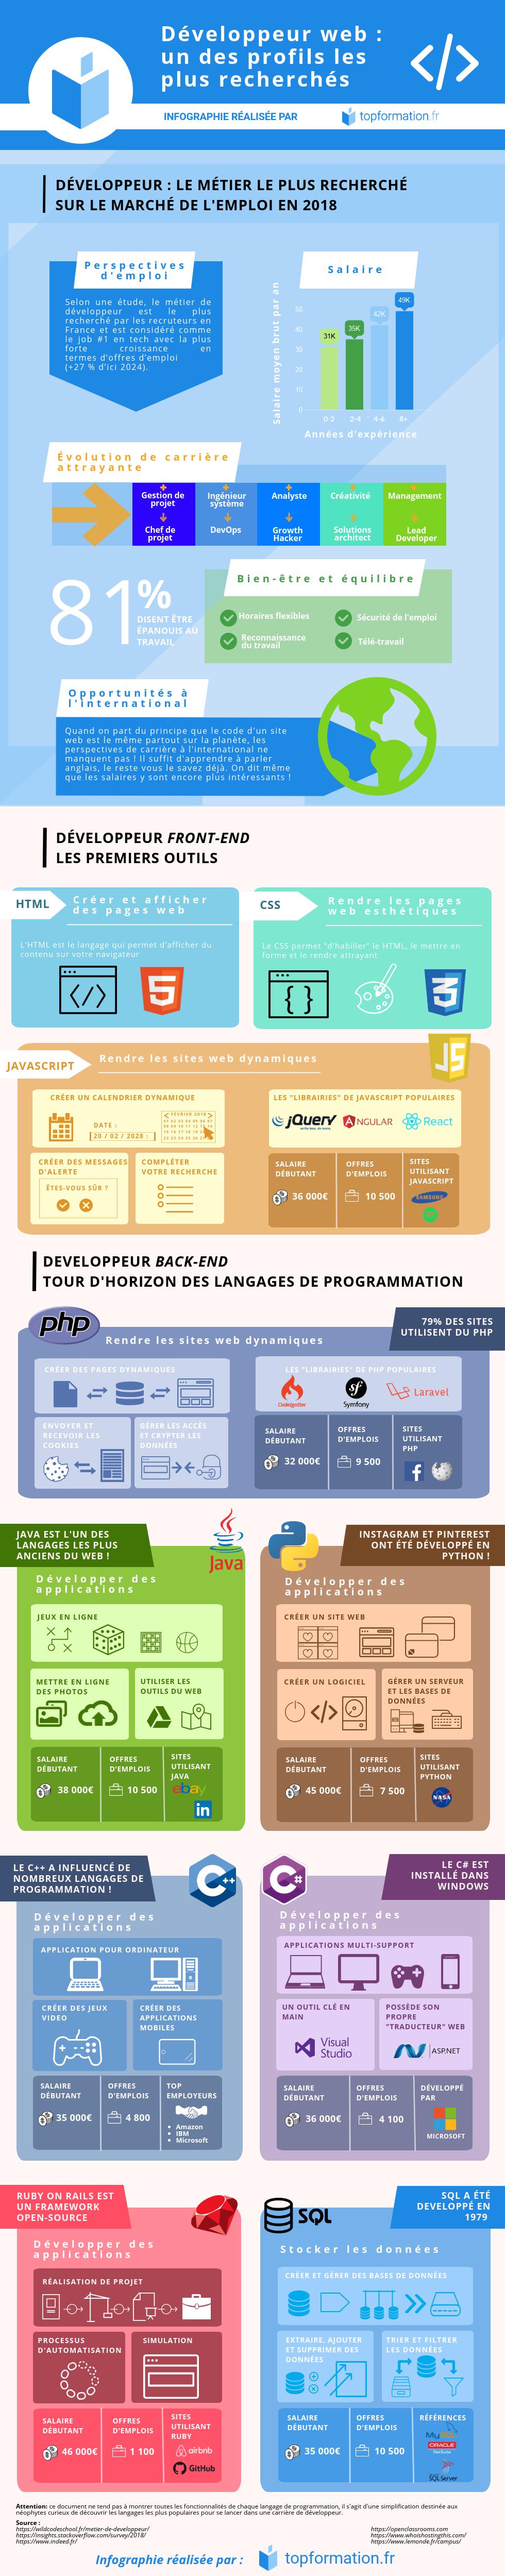 Infographie sur les métiers de développeur informatique par Topformation